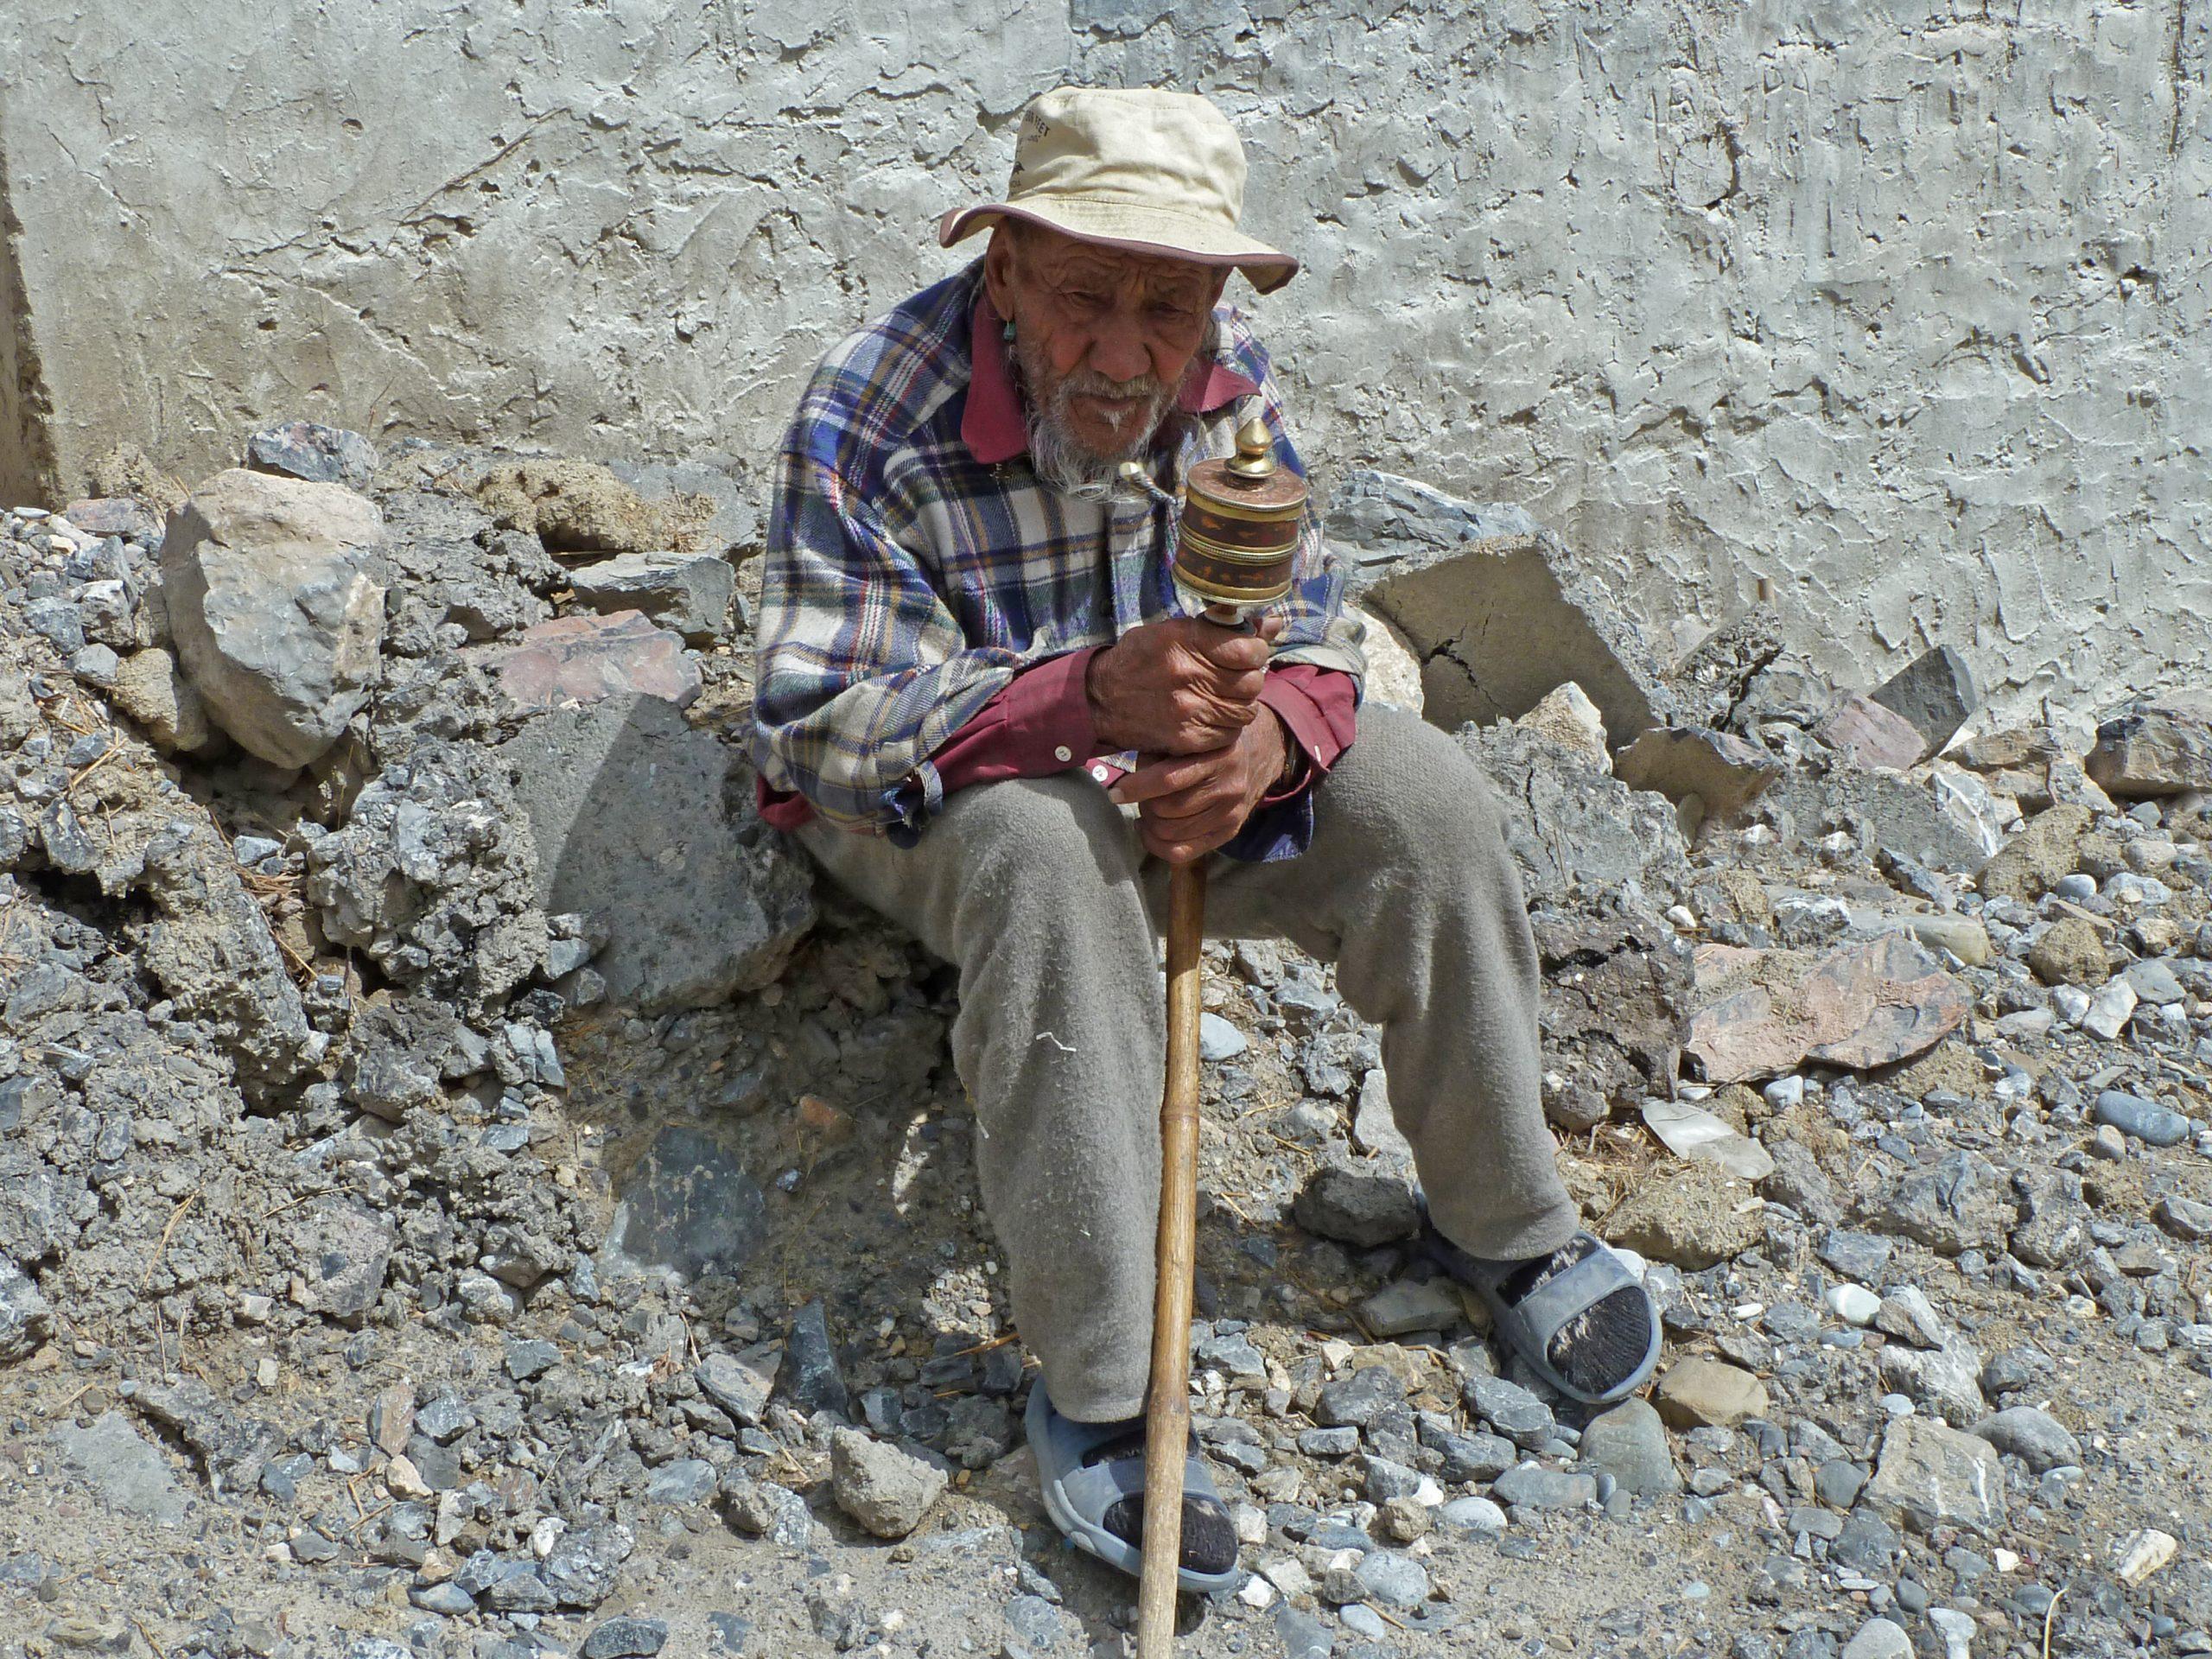 Radreise Ladakh 2012 - Alter Mann mit Gebetsmühle